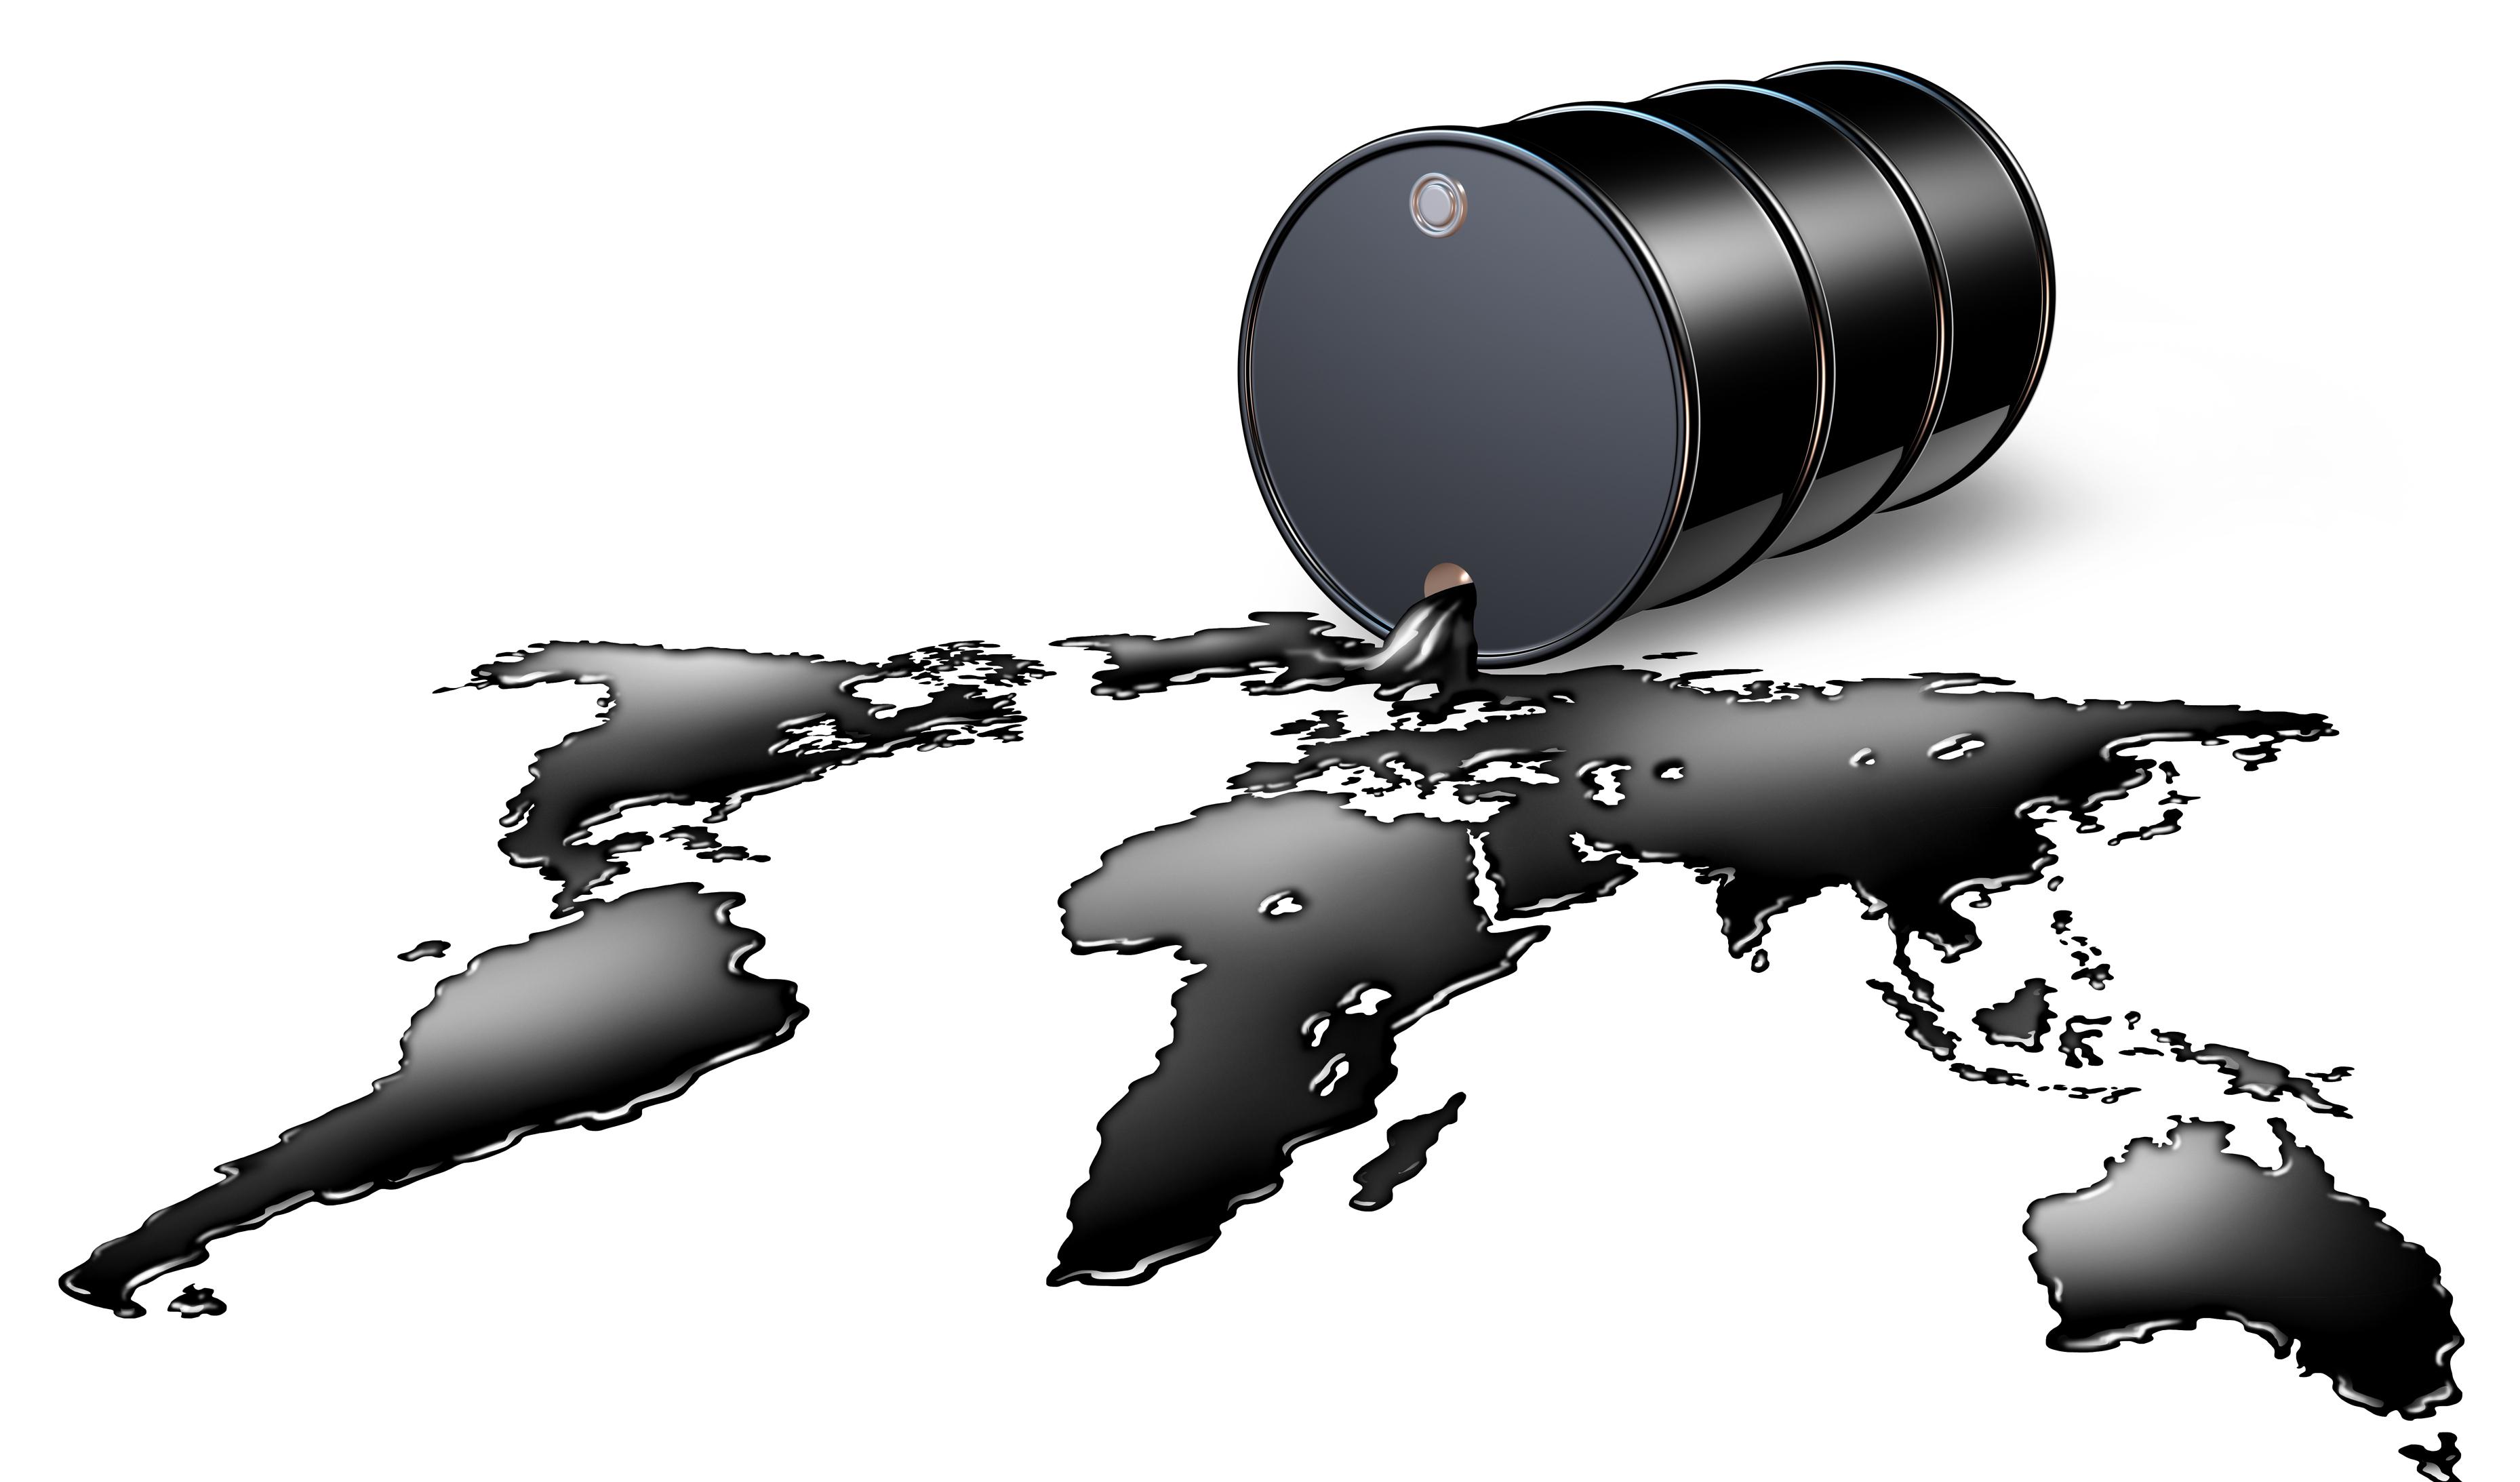 بازار جهانی نفت در سال ۲۰۱۹ با افزایش تقاضا مواجه میشود